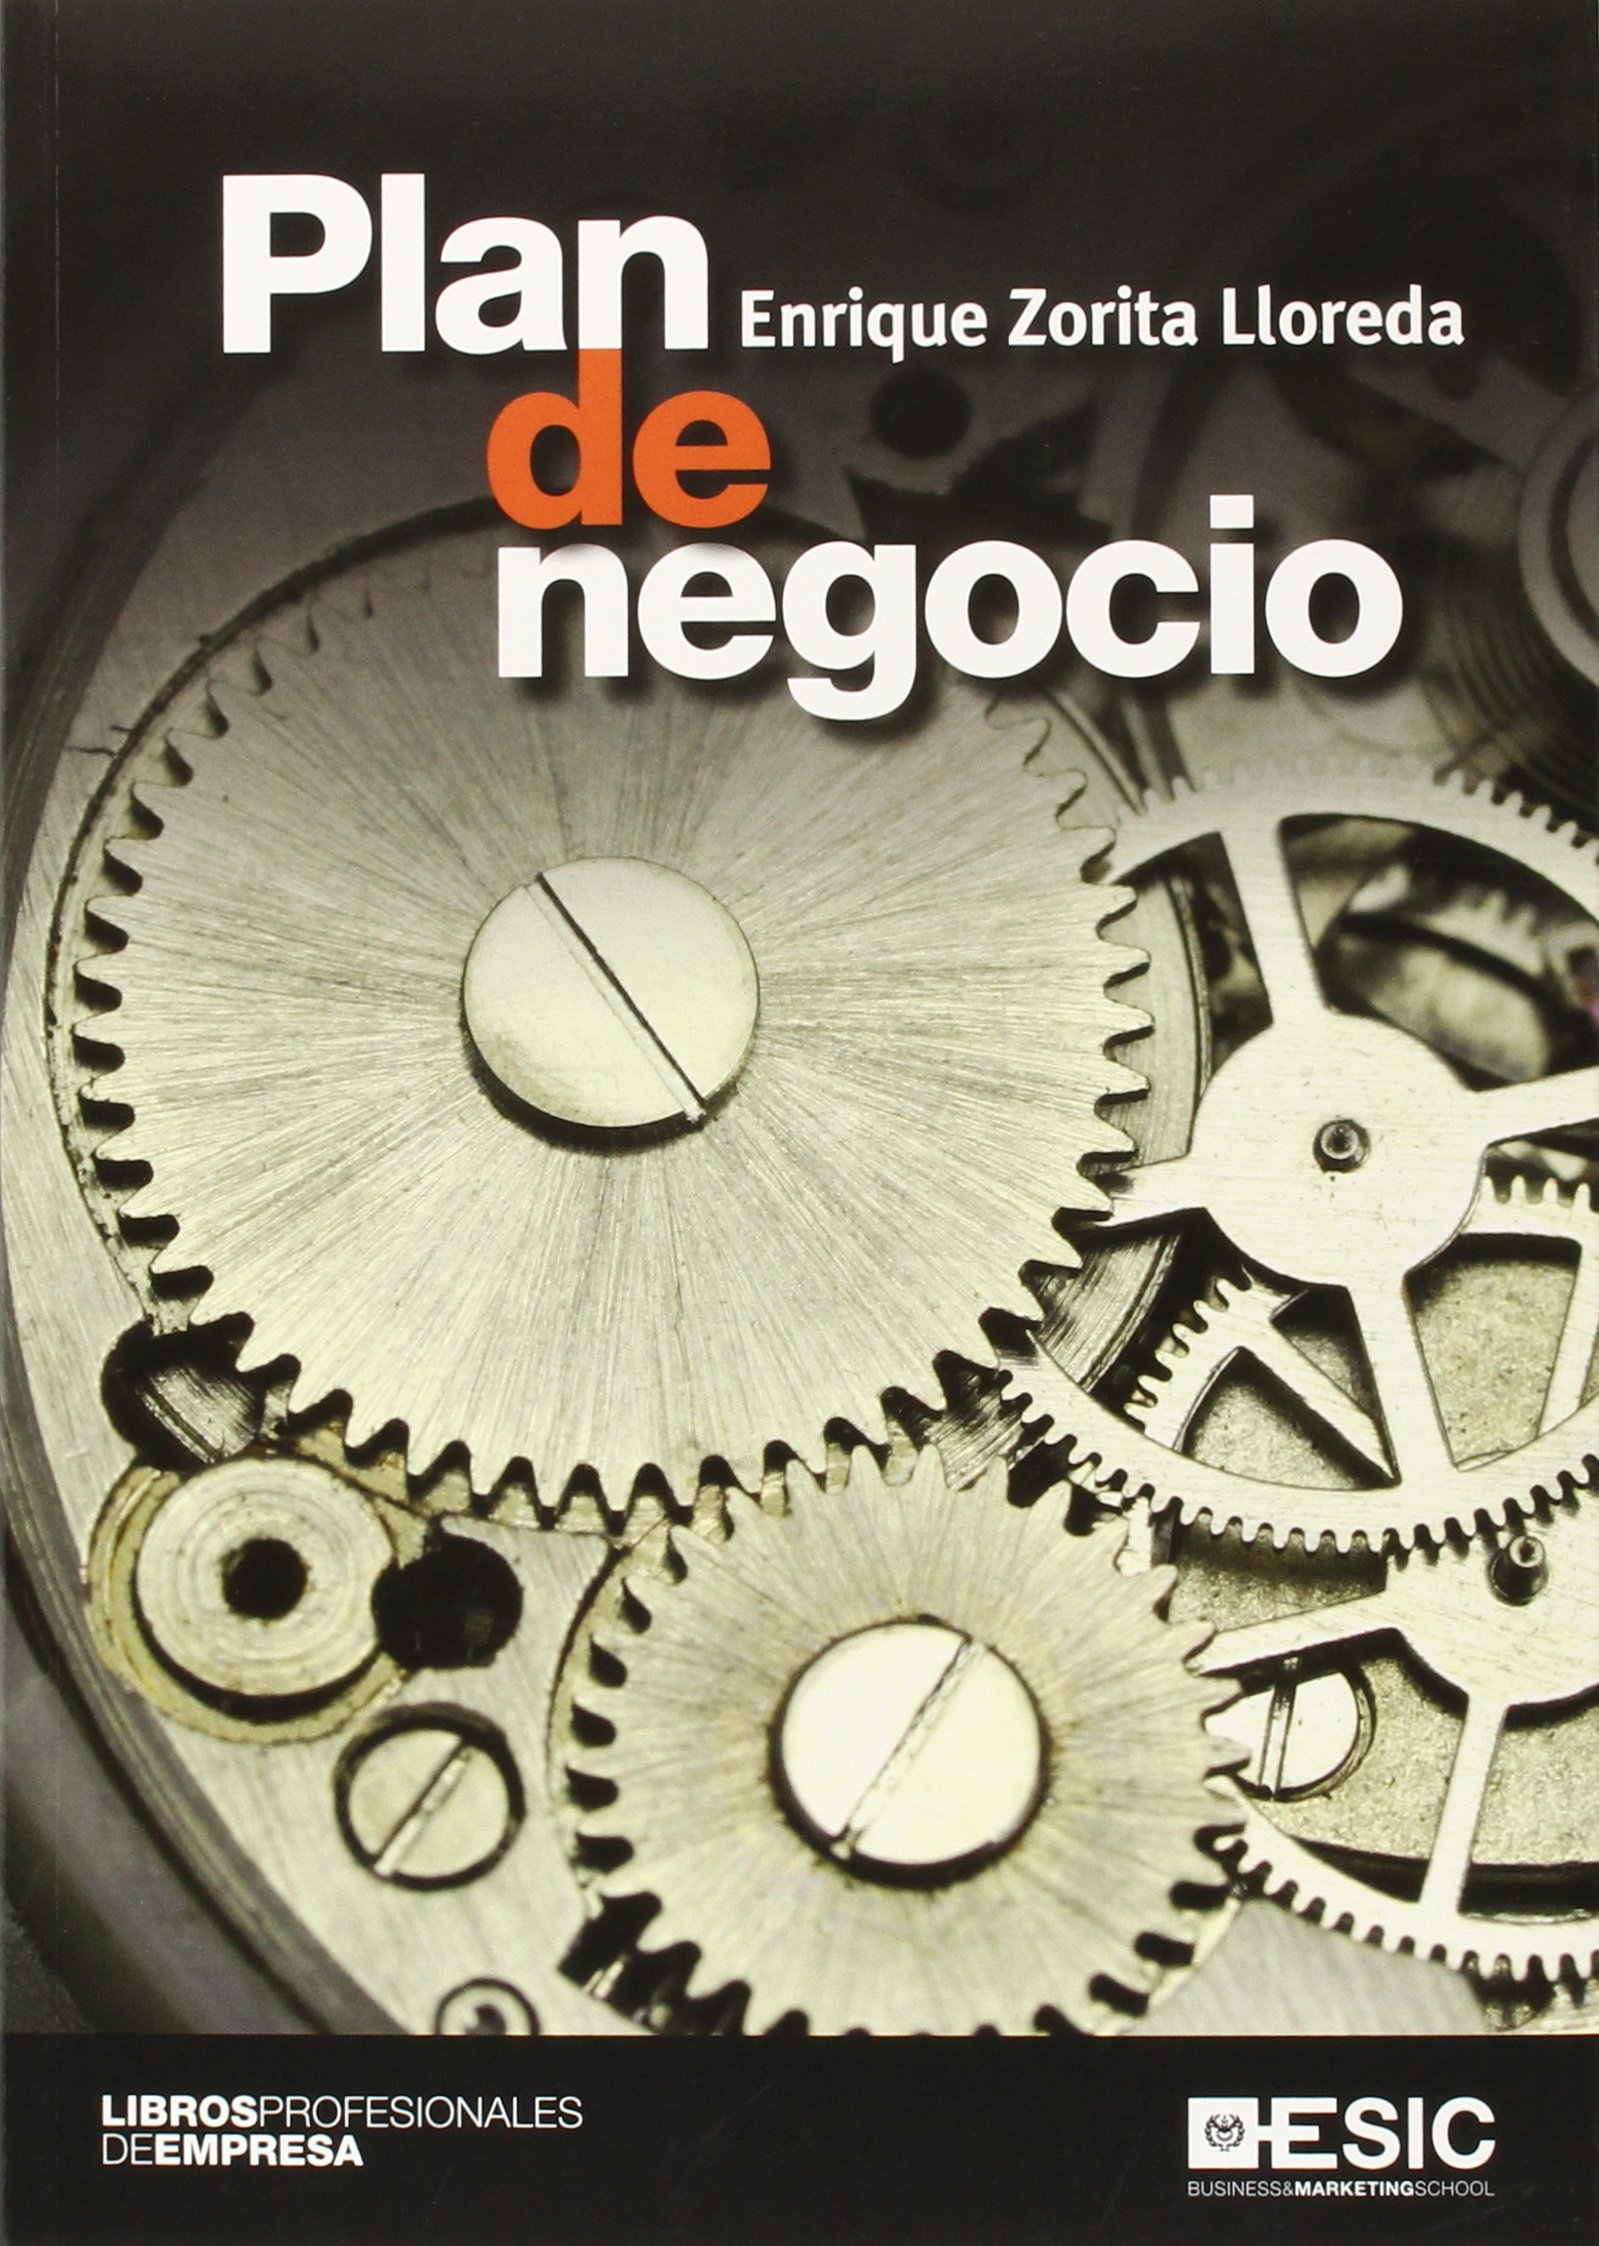 plan de negocio libros profesionales amazon es enrique zorita